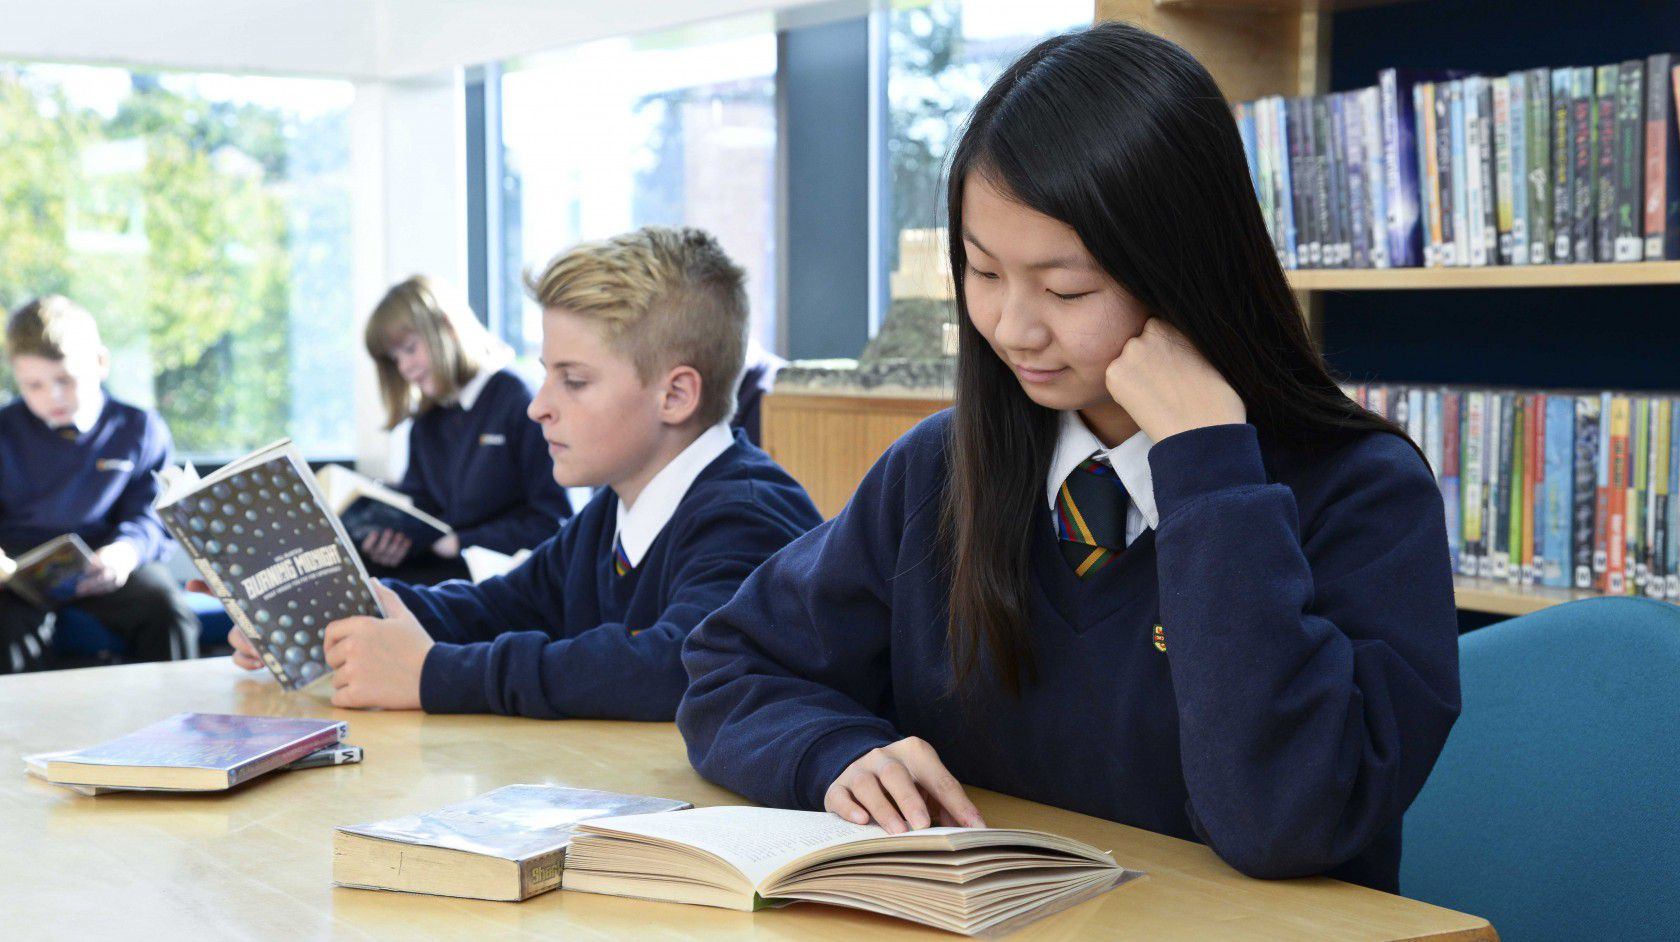 İtalya Lise Eğitimi SLEP Sınavı Başvuru Koşulları Nelerdir?